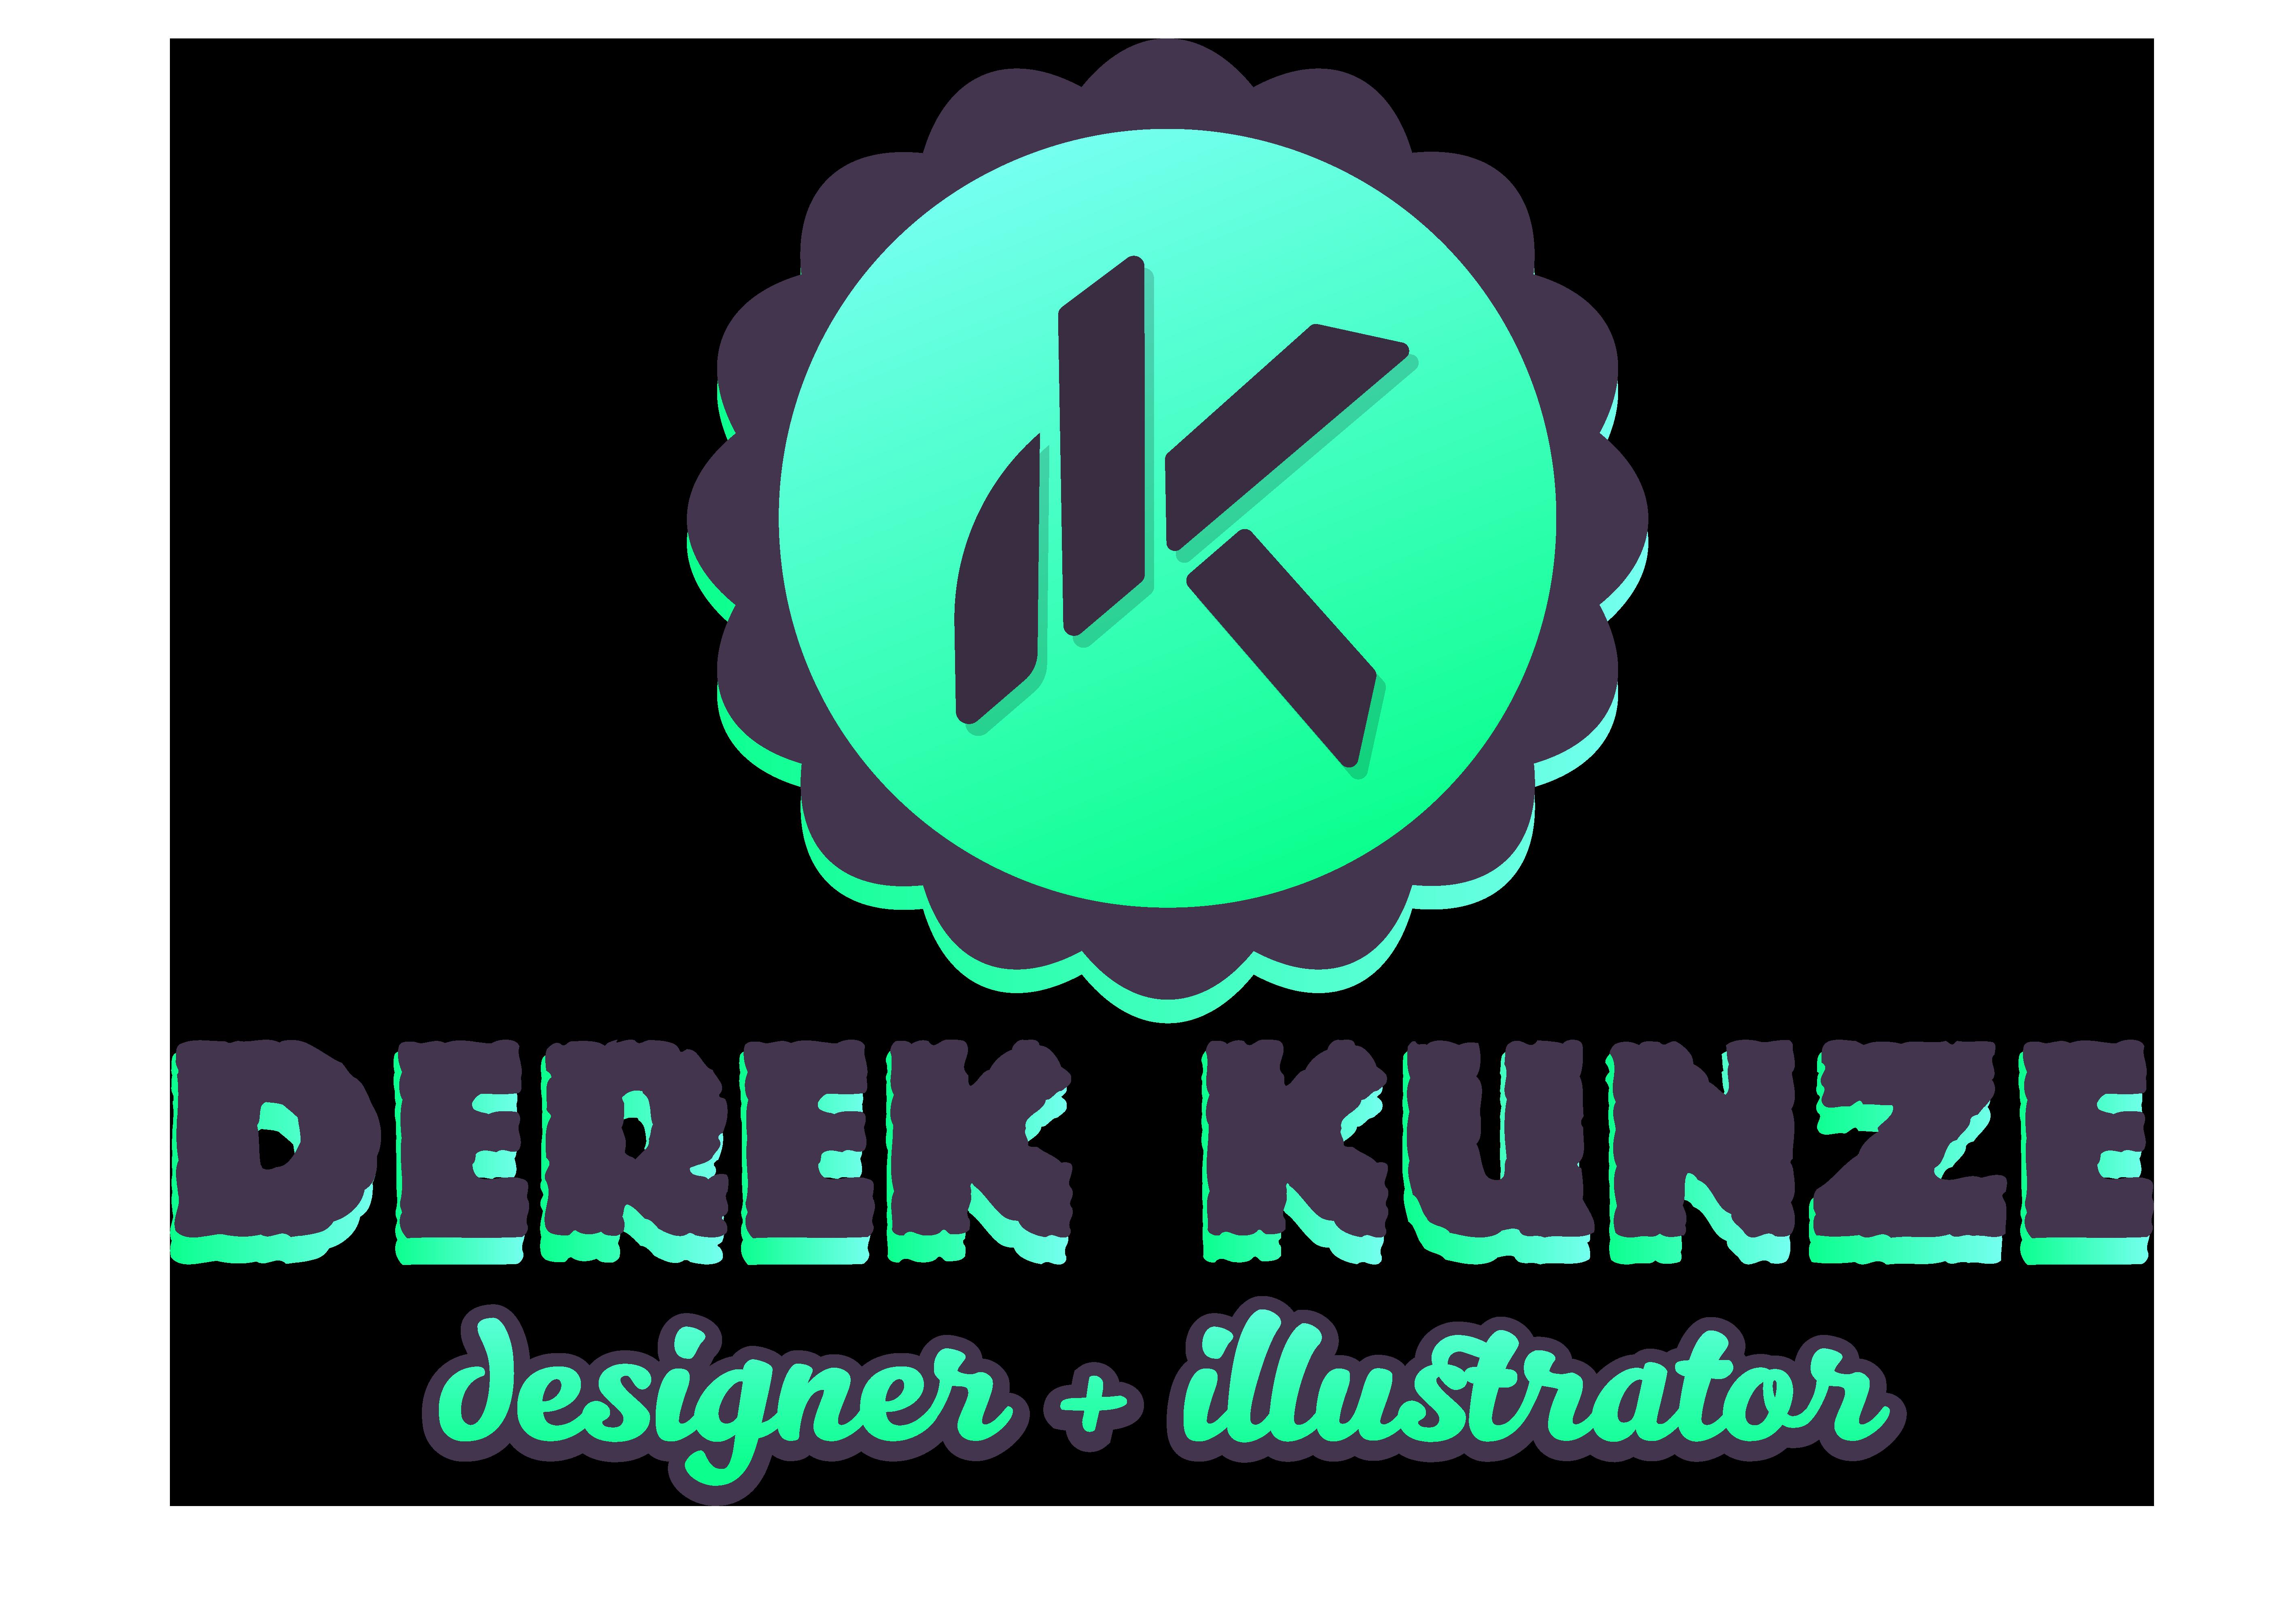 Derek Kunze